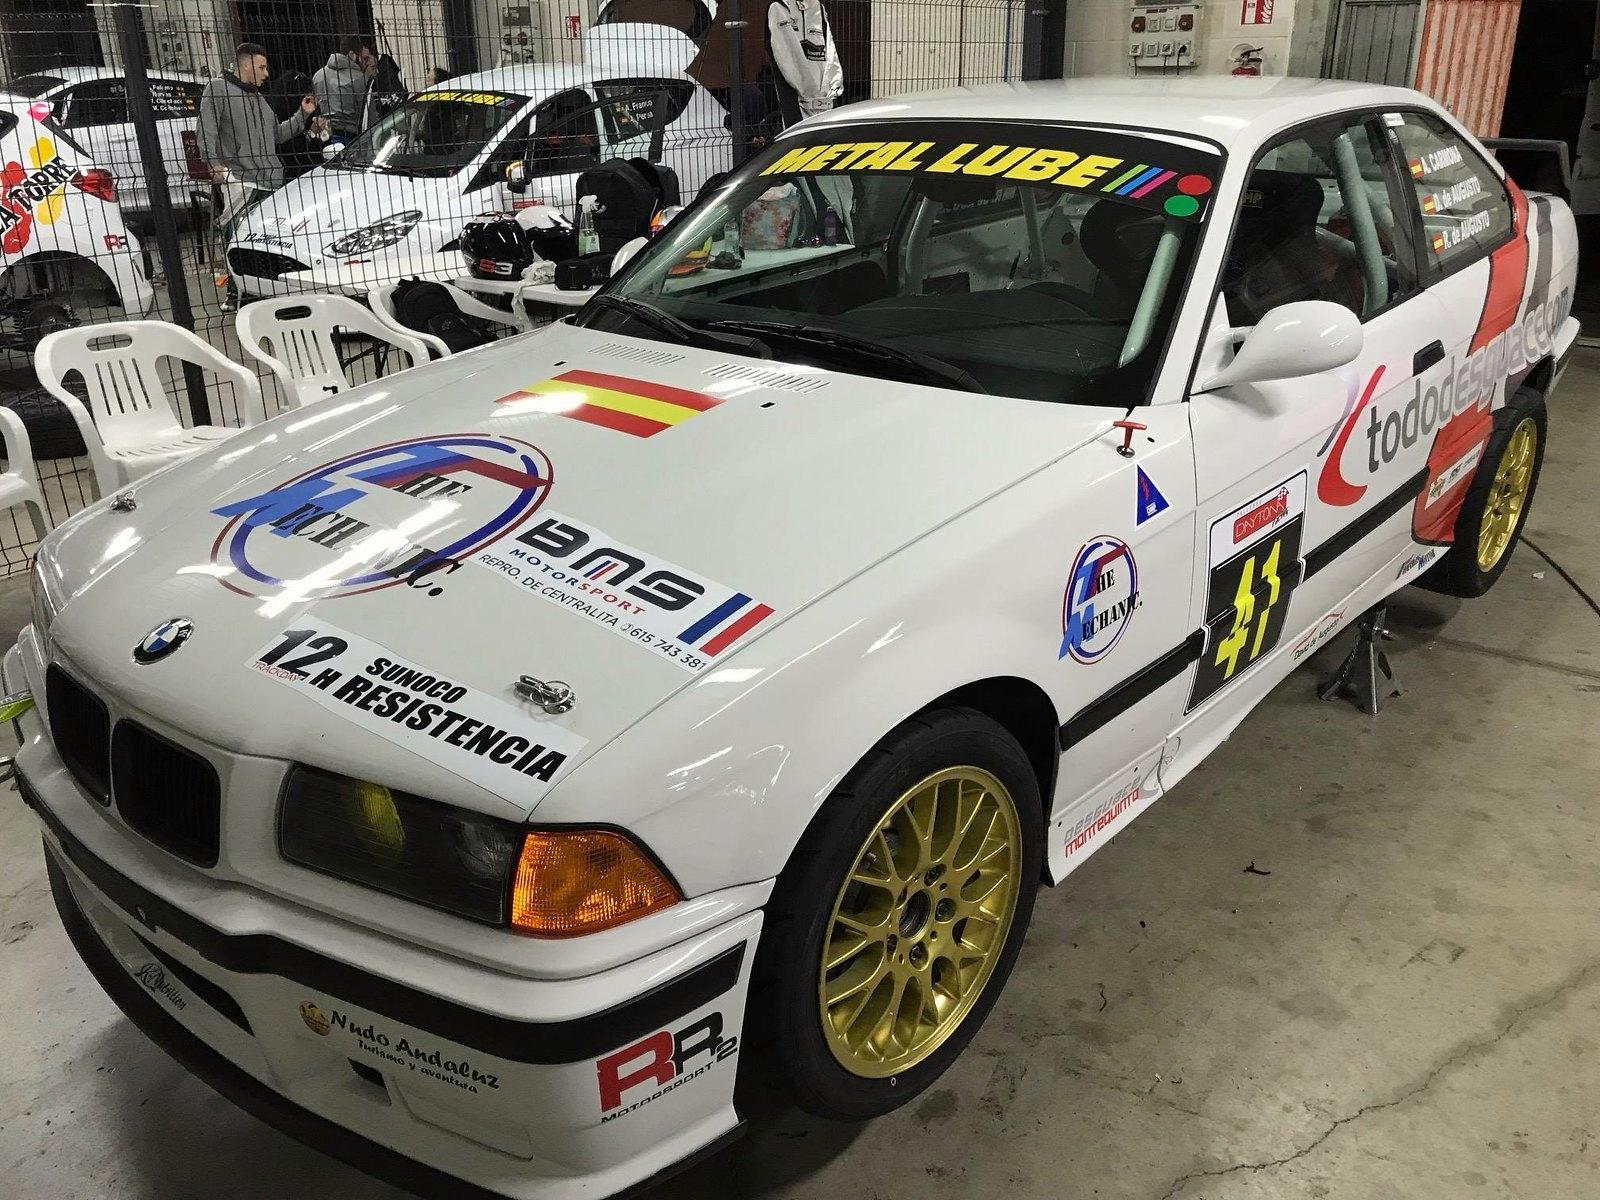 BMW 325i del equipo De Augusto Carreras